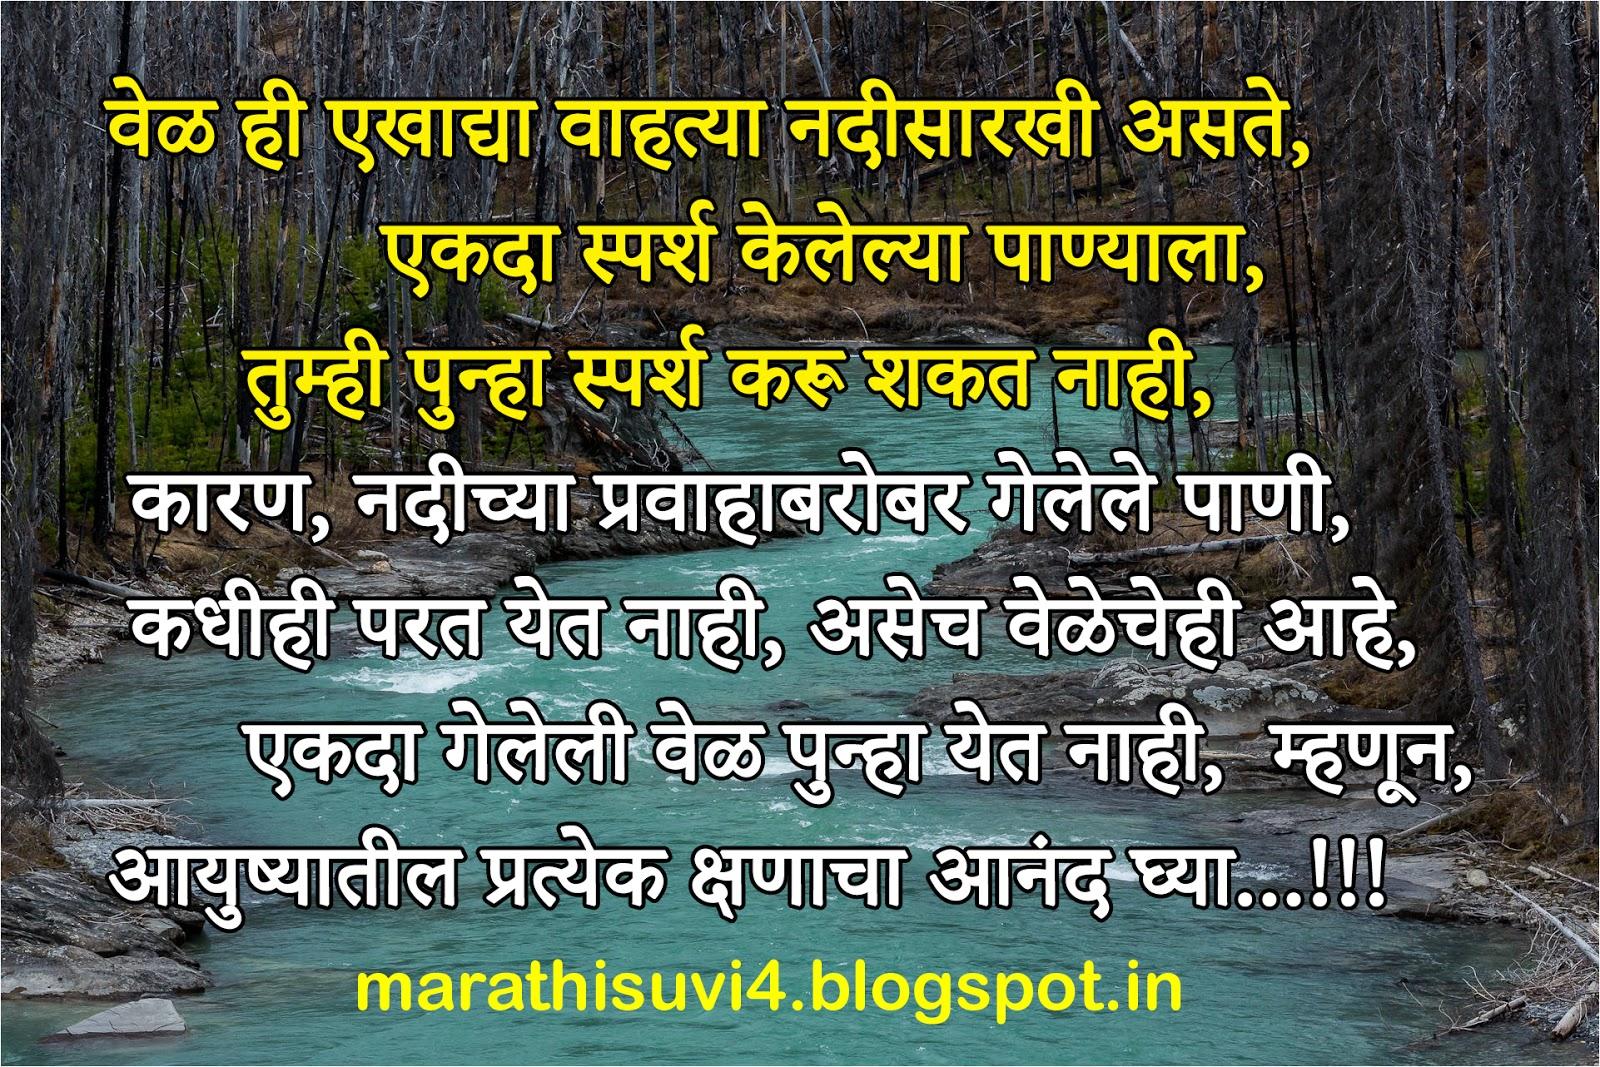 Enjoy Every Moment Of Life Quotes In Marathi Marathi Suvichar